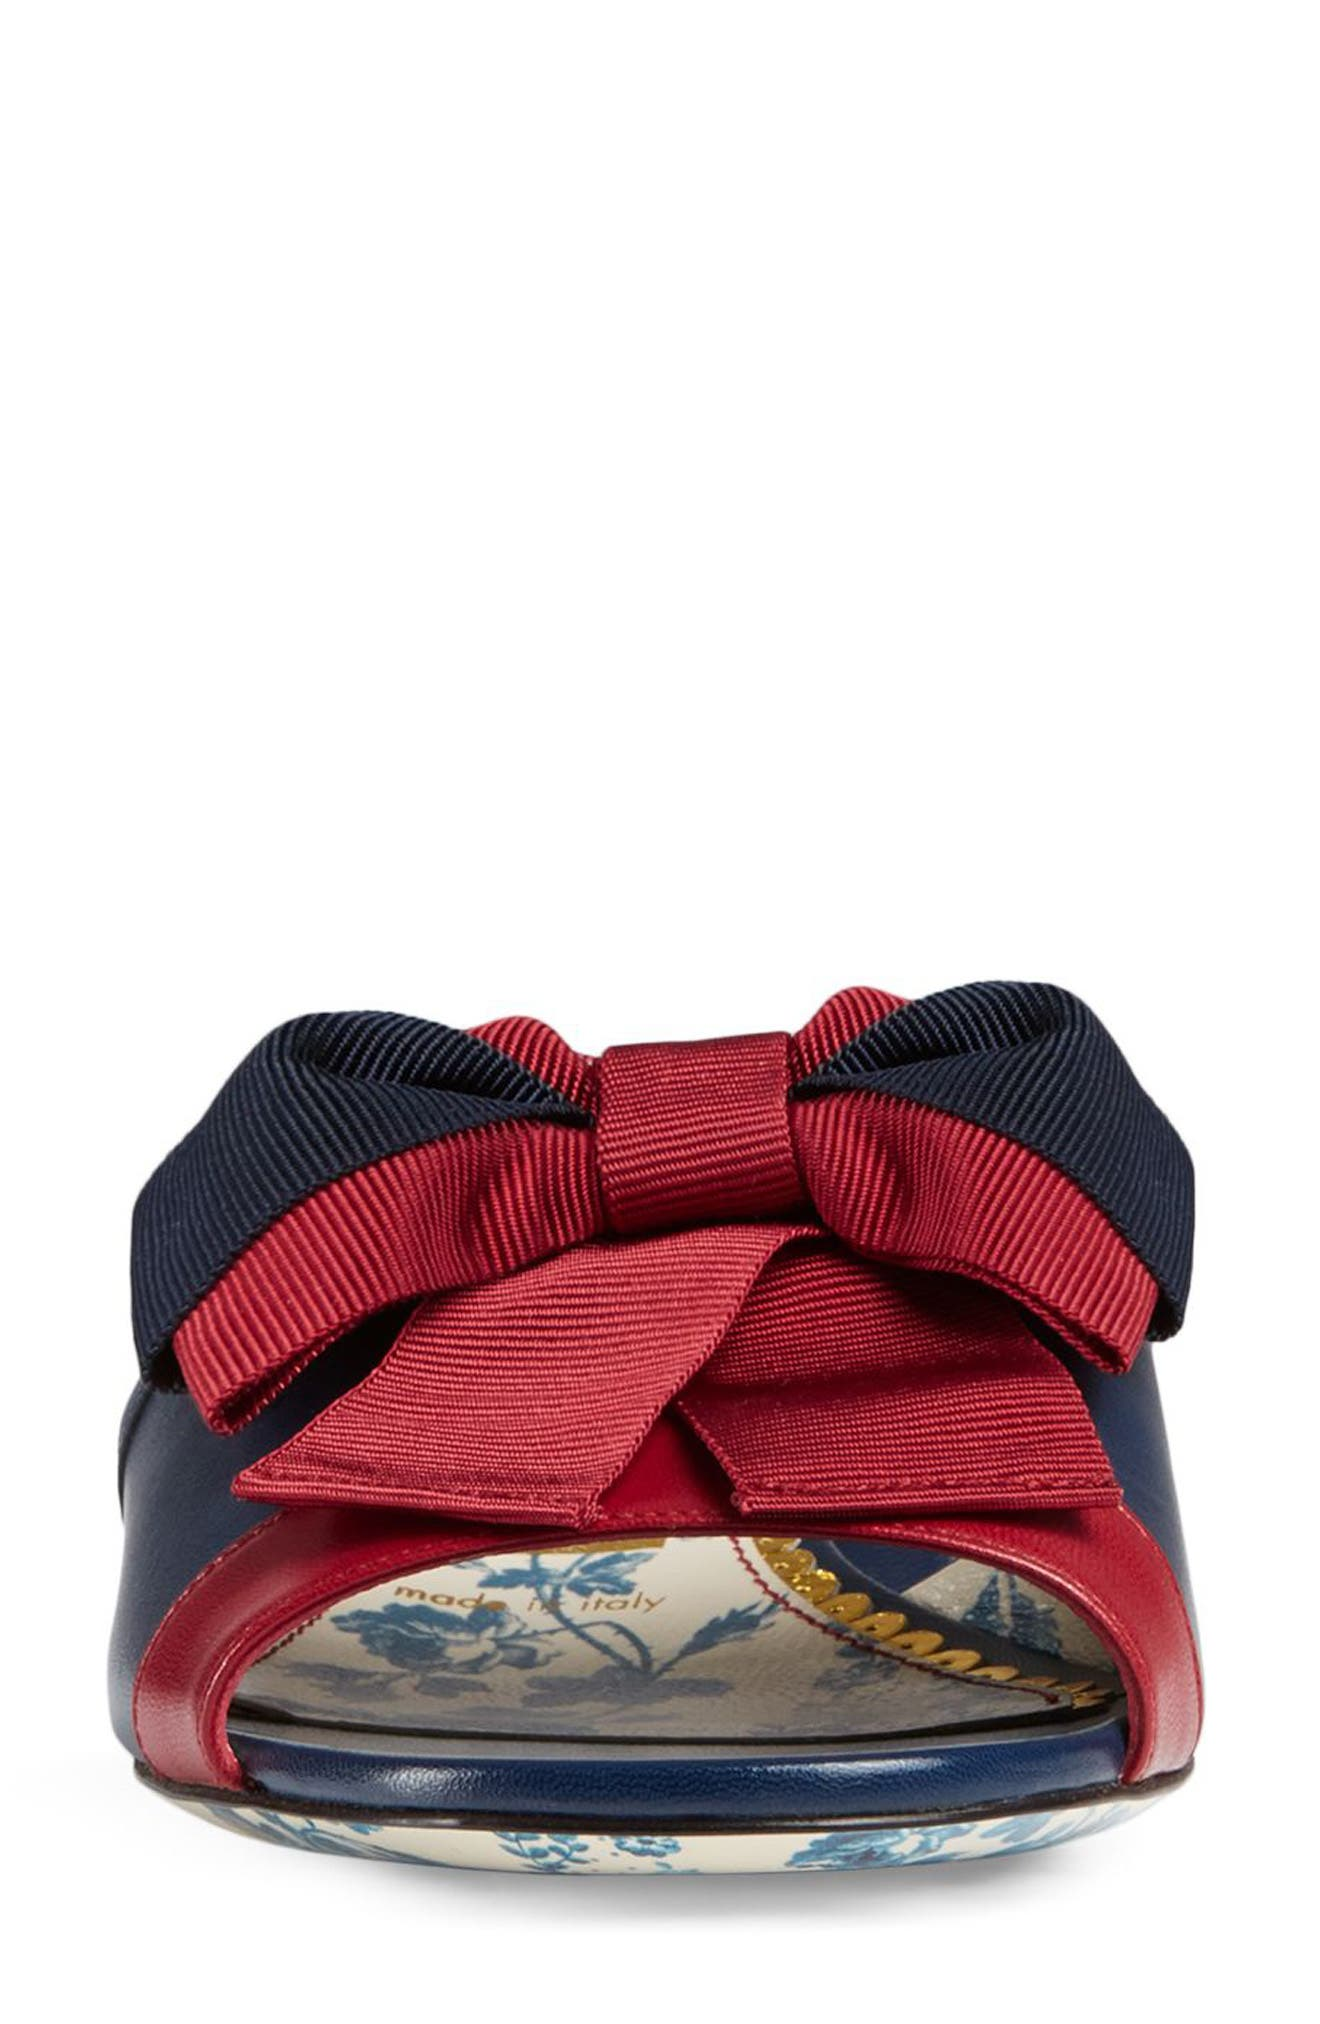 Sackville Bow Sandal,                             Alternate thumbnail 3, color,                             Blue/ Red